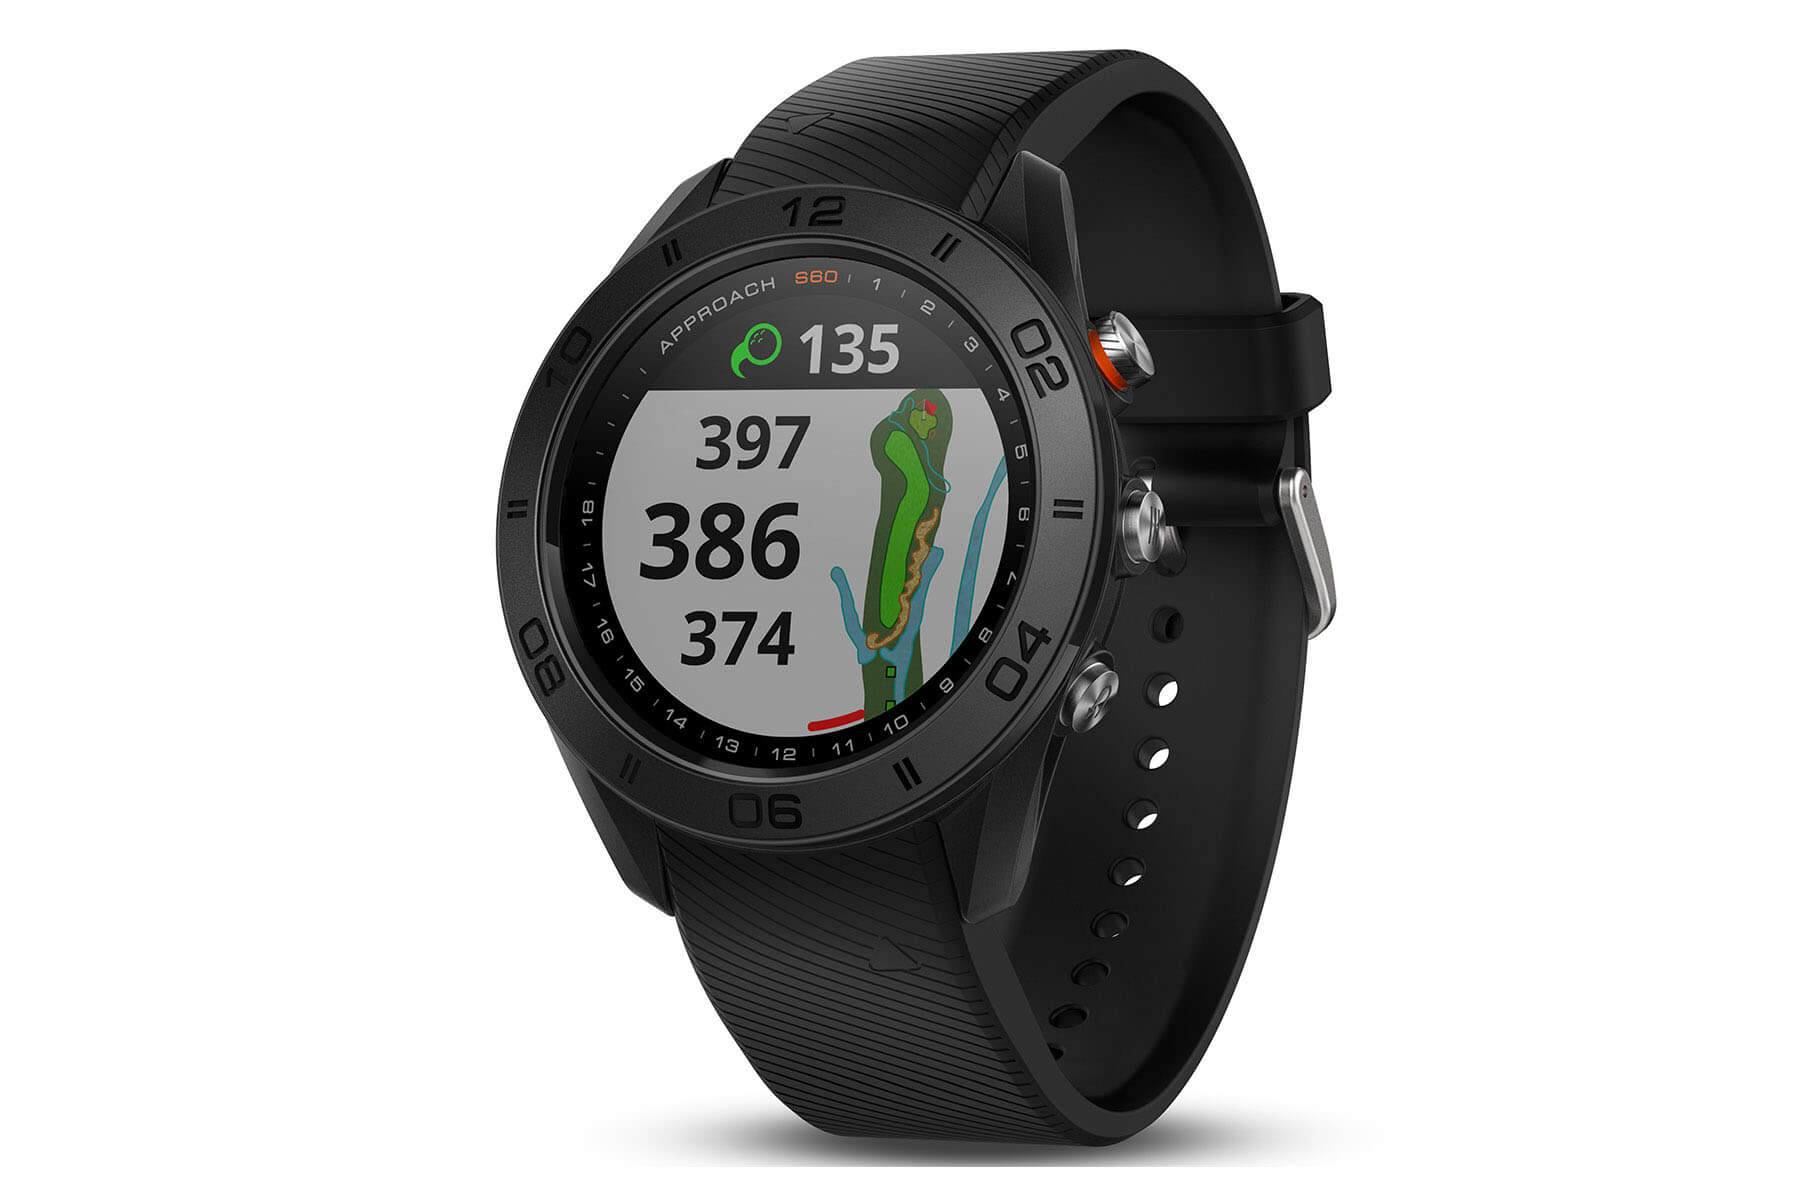 Garmin Approach S60 GPS Watch